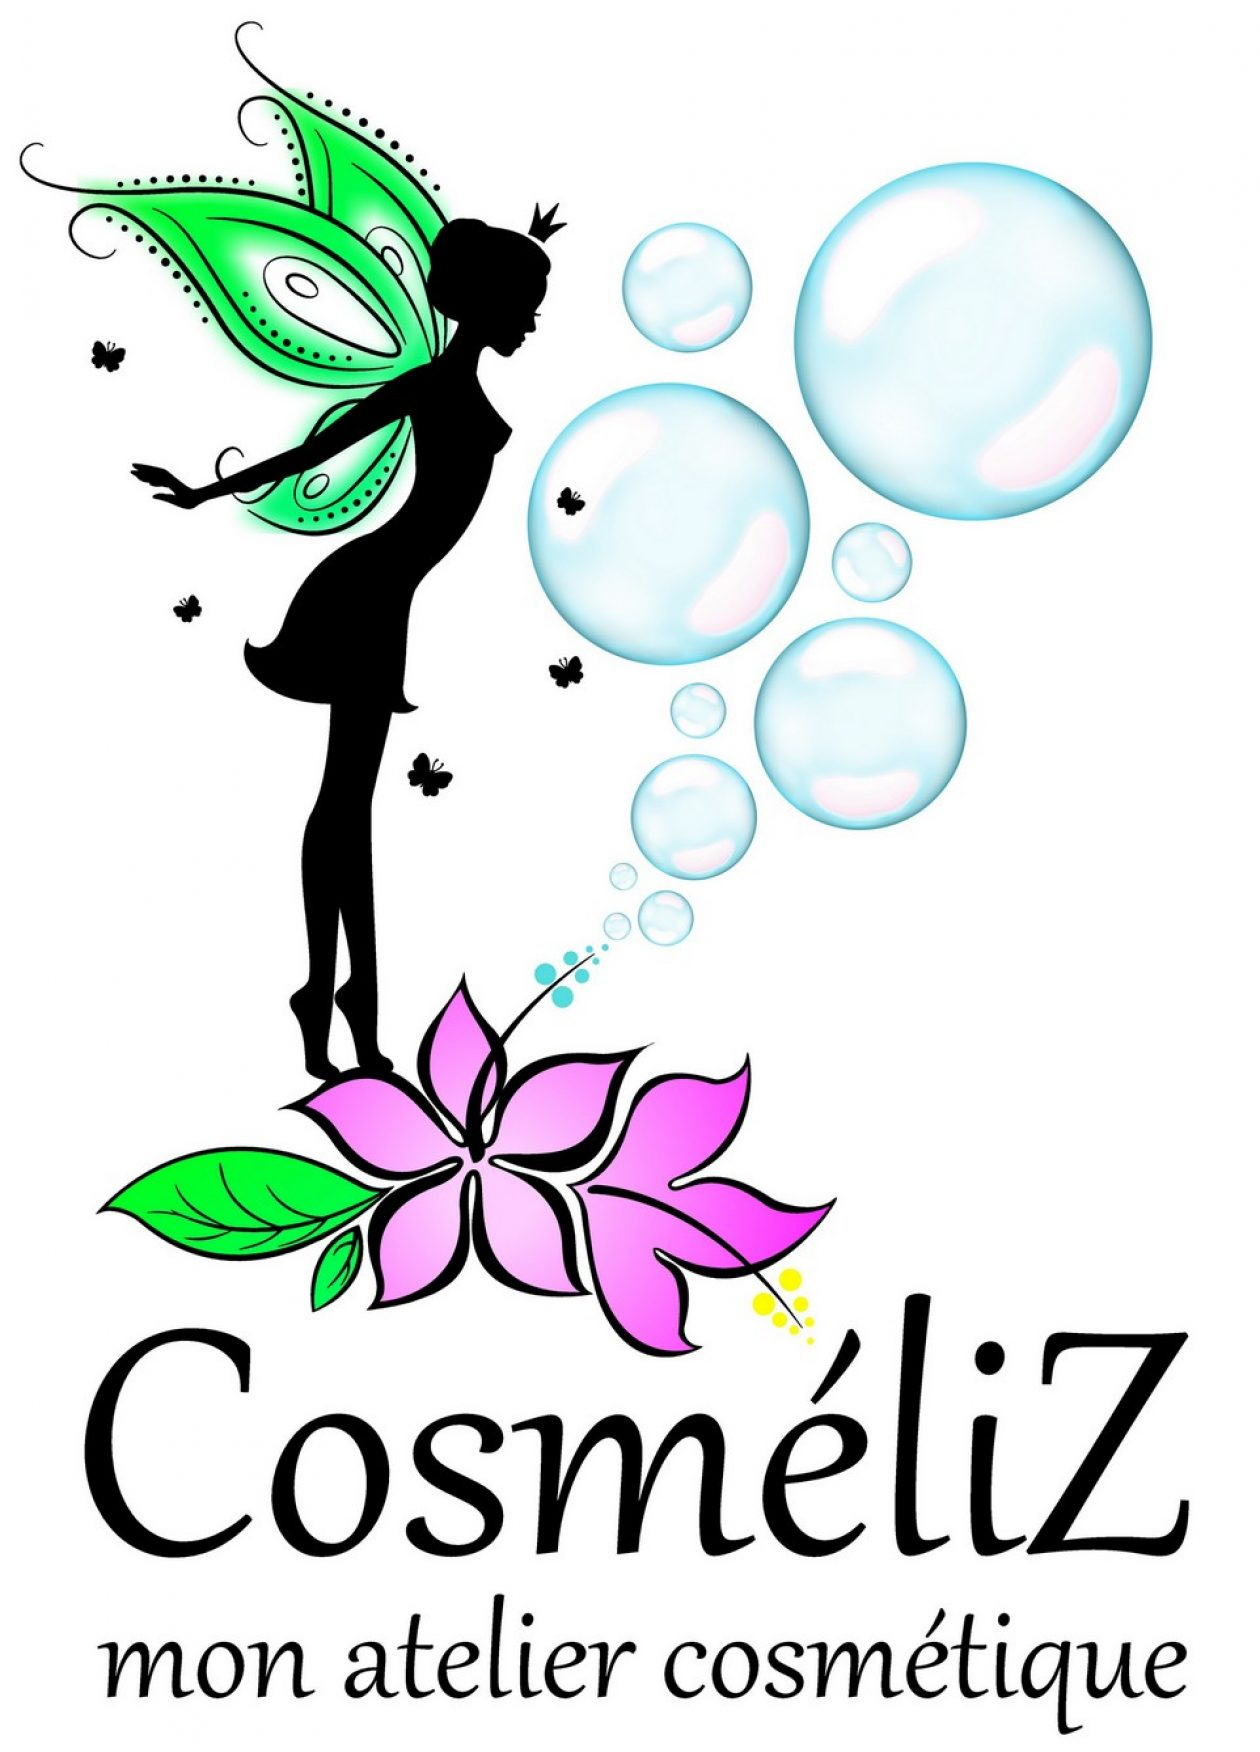 CosmeliZ.jpg